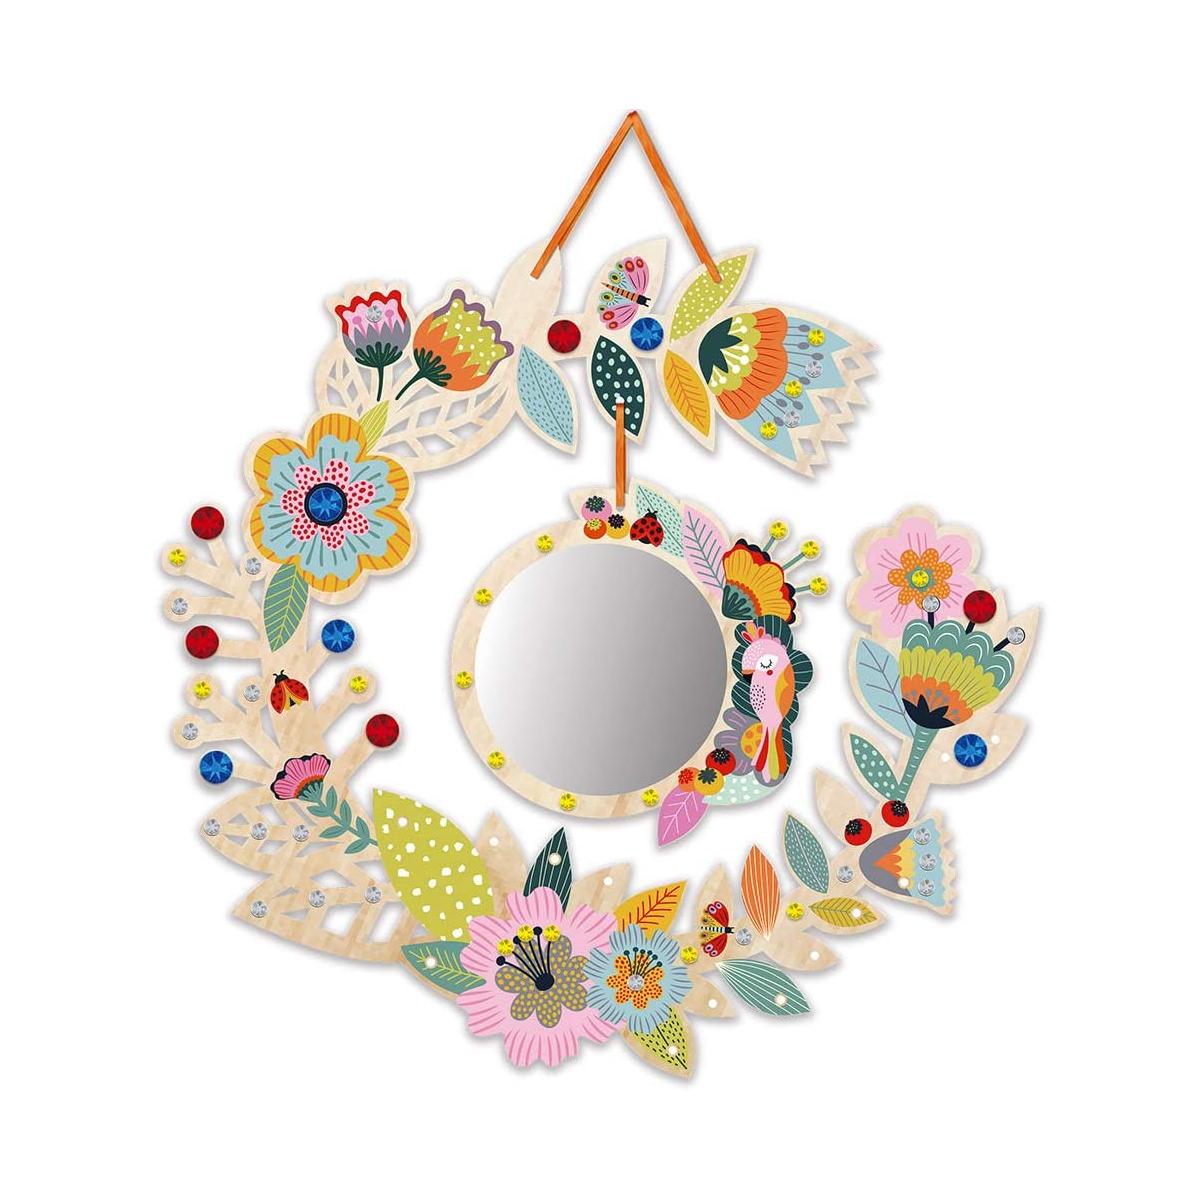 Janod - Les Ateliers deco, porte bijoux a decorer